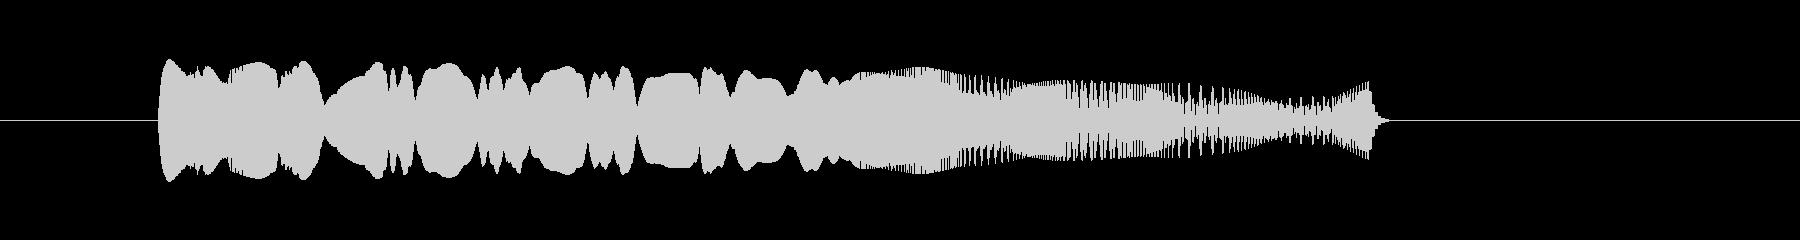 かわいいキャラの動き_右往左往orピヨりの未再生の波形